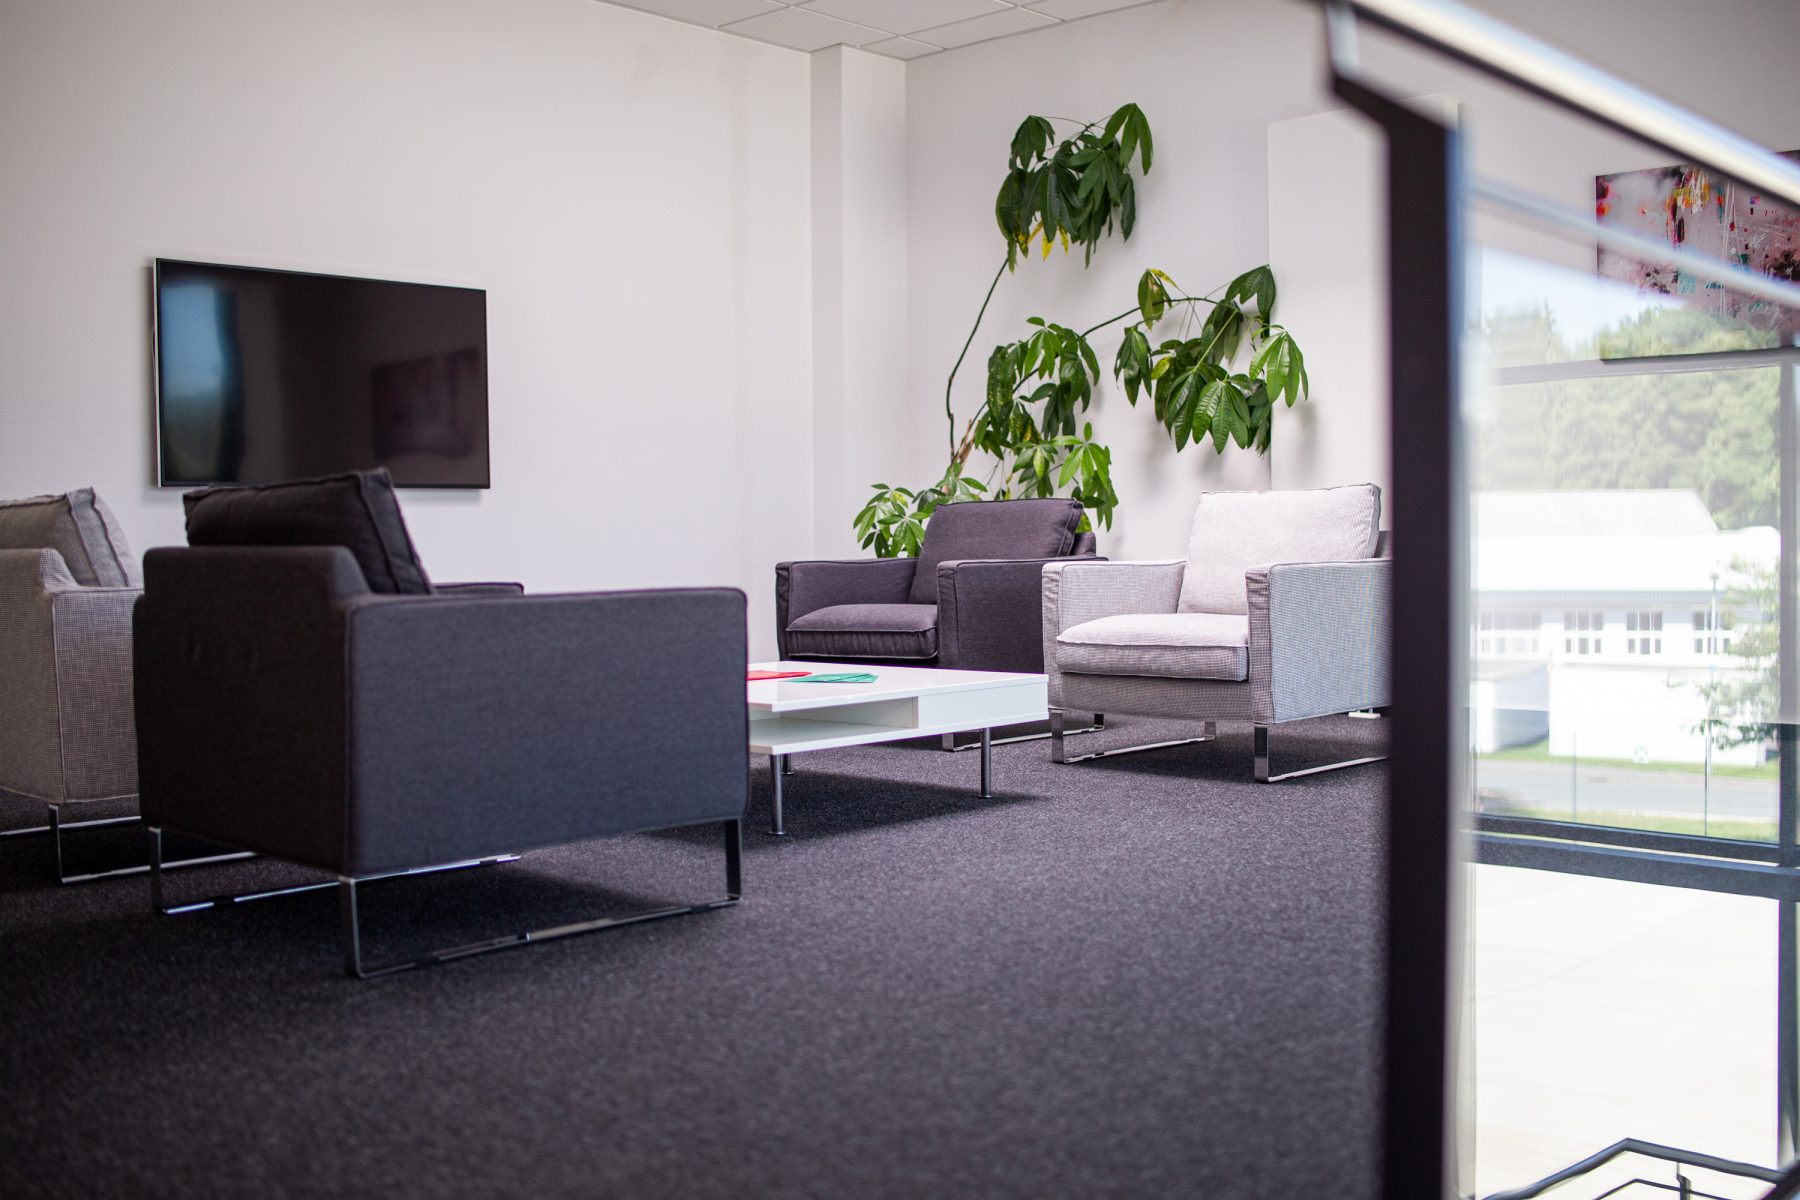 Maßgeschneiderte Büroflächen im Gewerbepark Lage-Kachtenhausen (OWL)